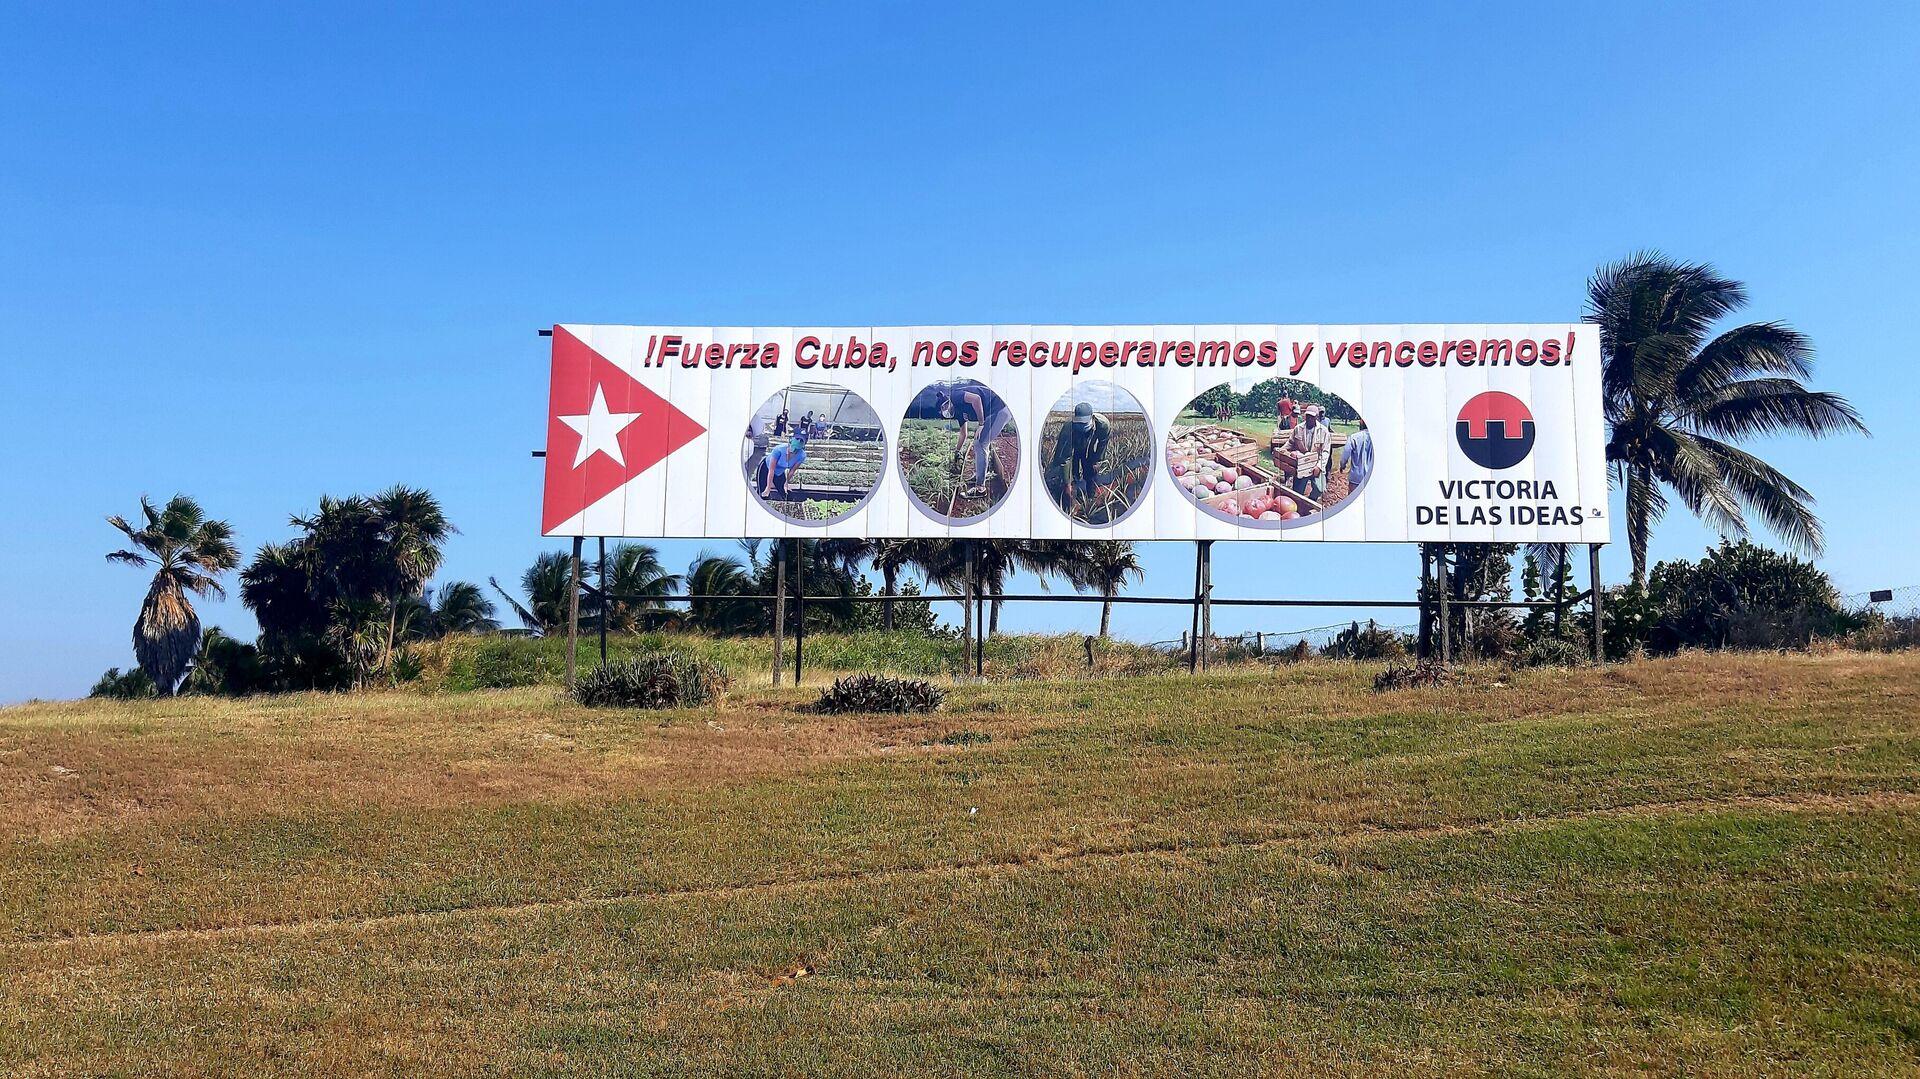 Carteles y consignas se colocan en varios puntos de las ciudades cubanas  - Sputnik Mundo, 1920, 01.03.2021